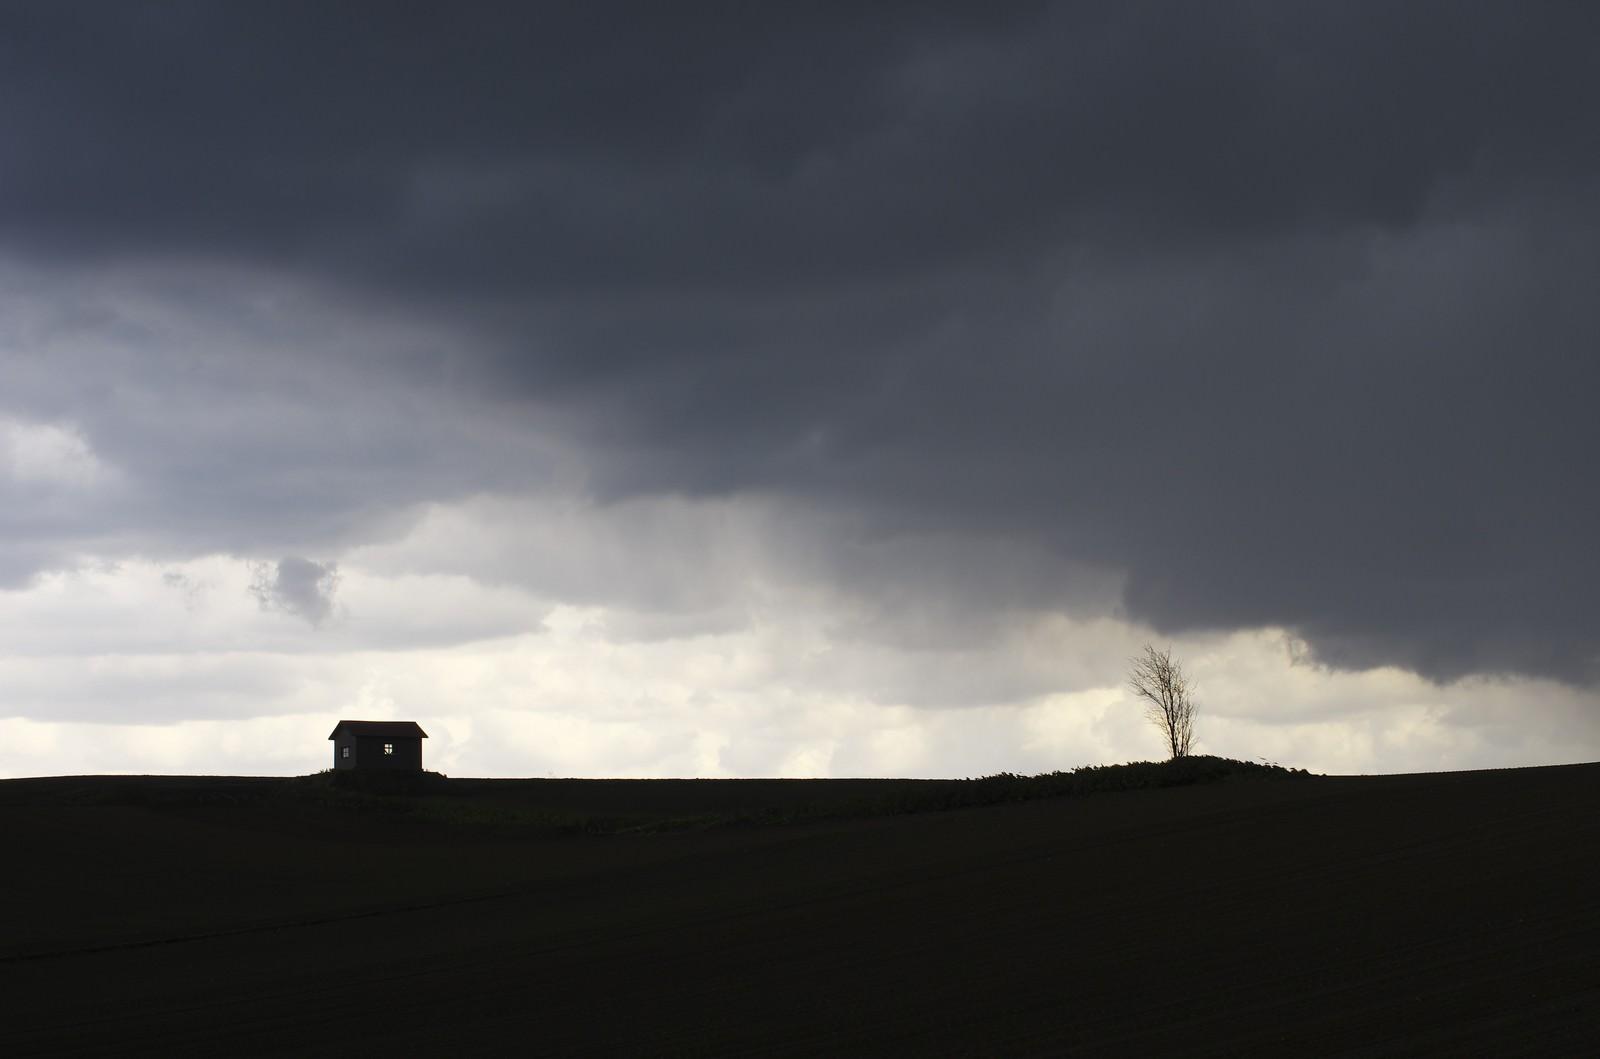 「大地と家のシルエット」の写真